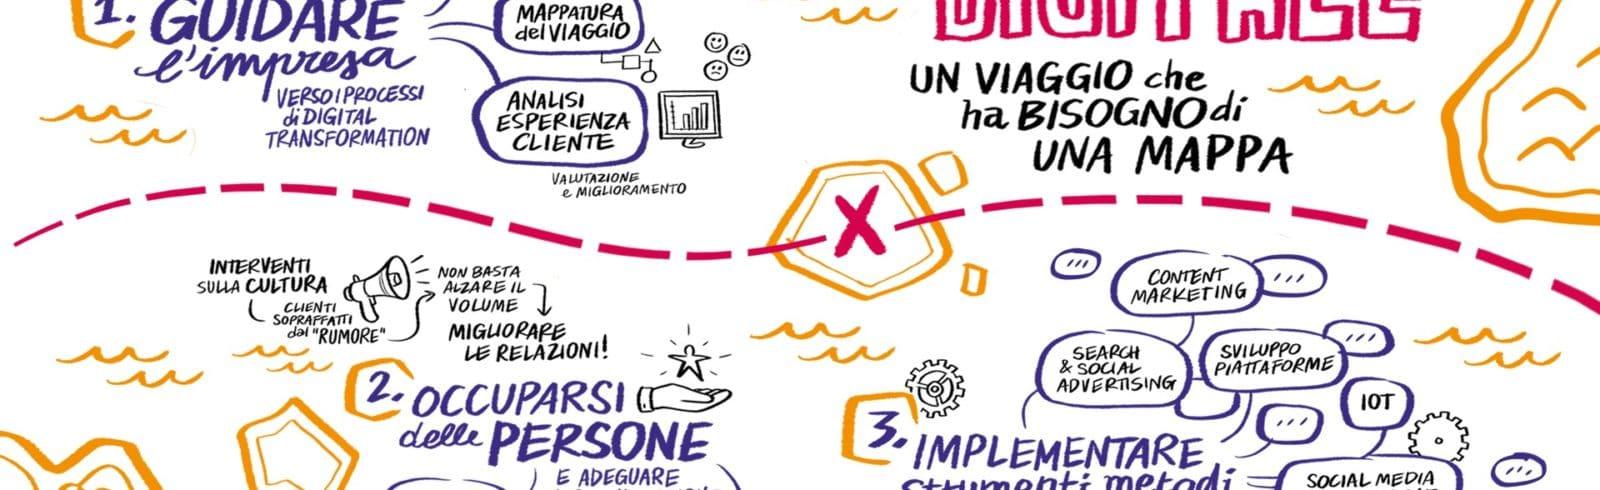 Trasformazione digitale, perchè serve una mappa